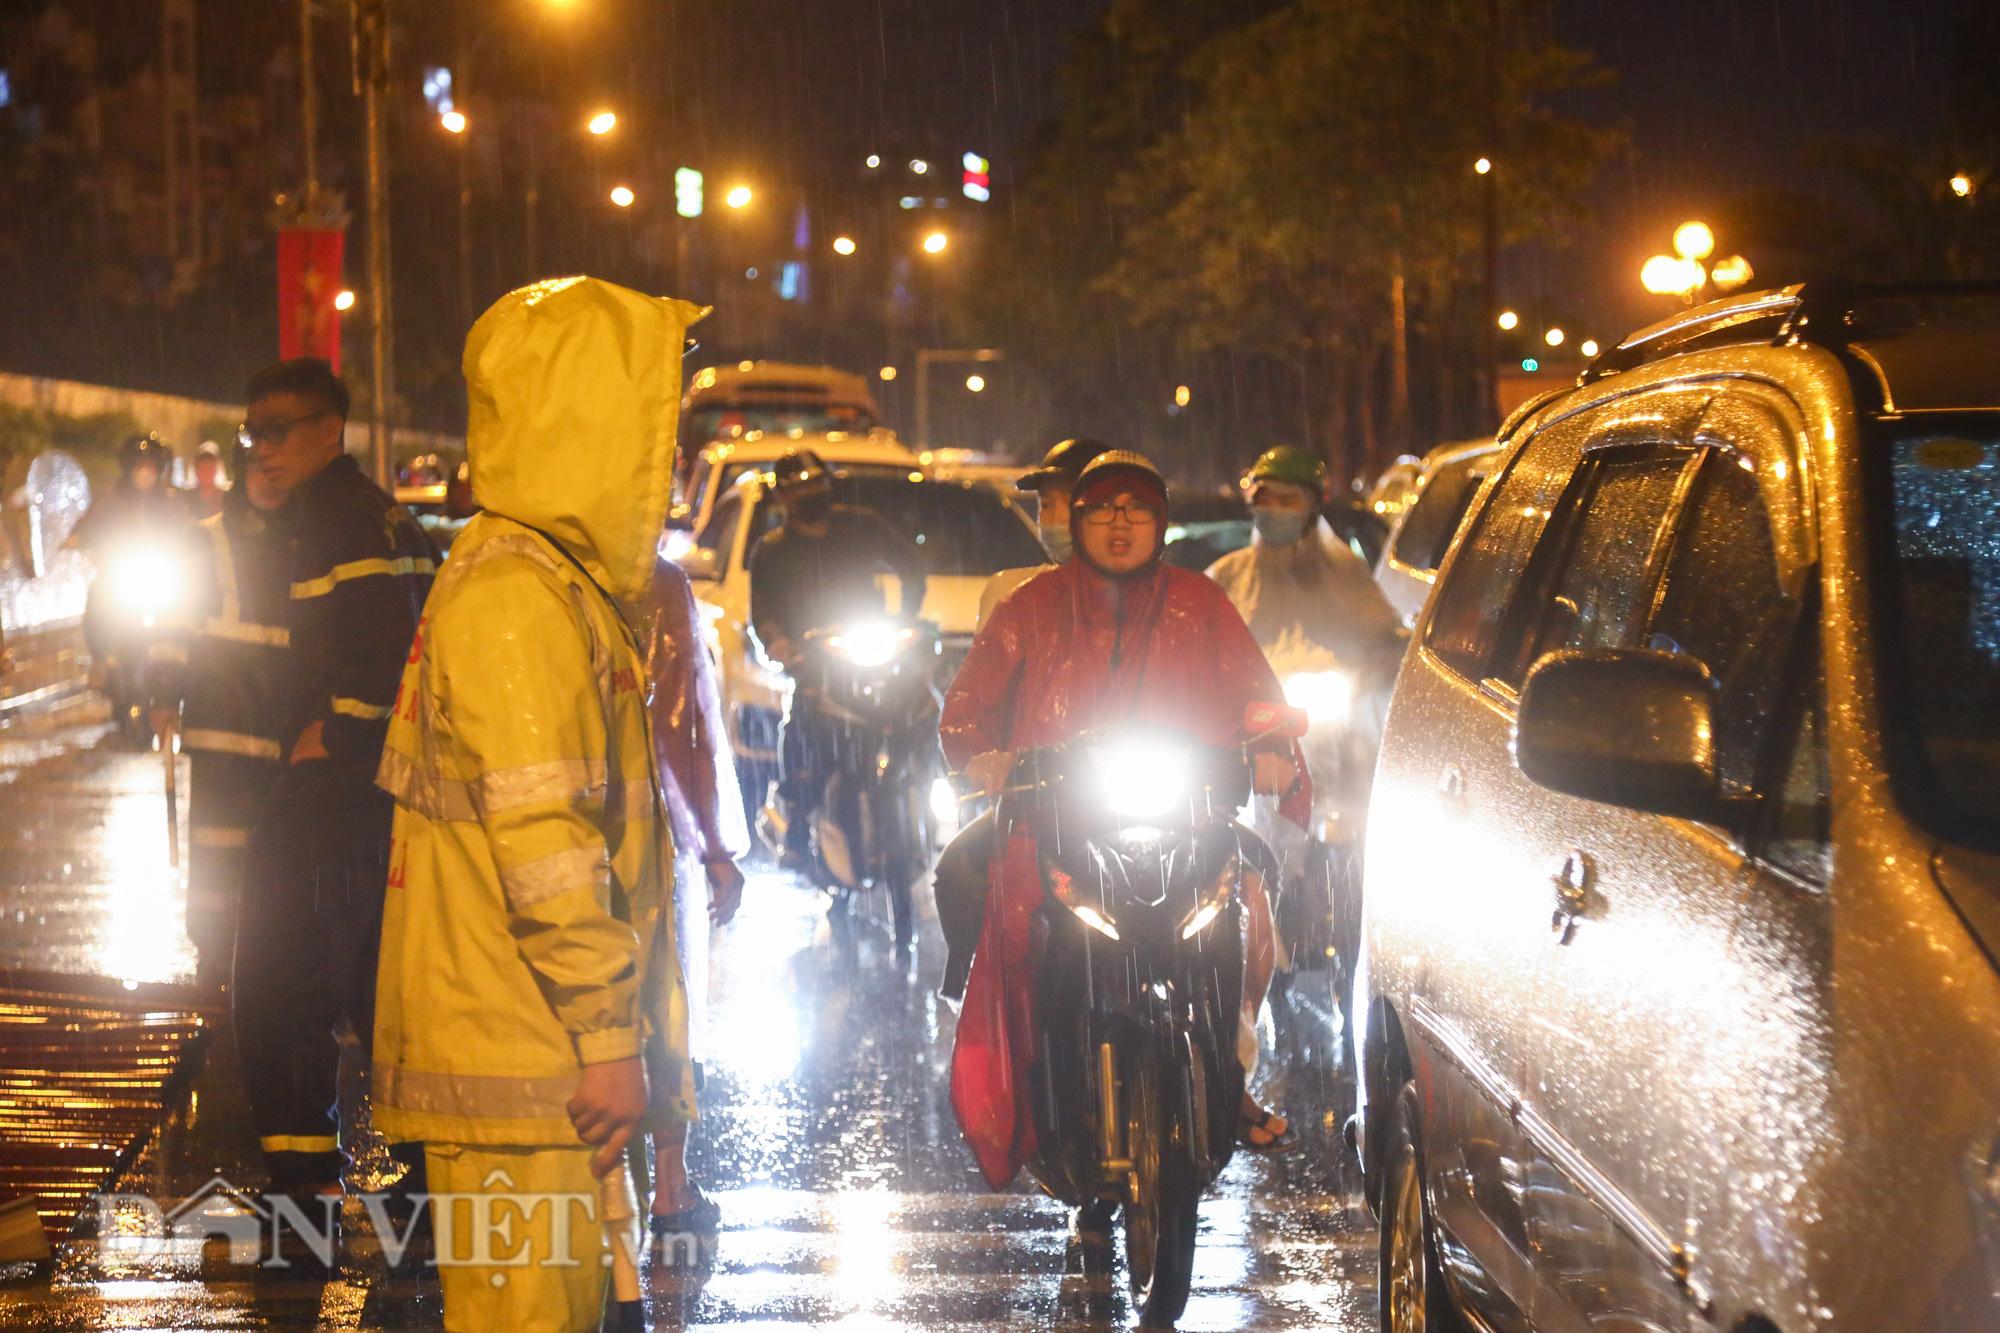 Đội mưa giông dọn mái tôn bay xuống giữa đường gốm sứ Hà Nội - Ảnh 3.